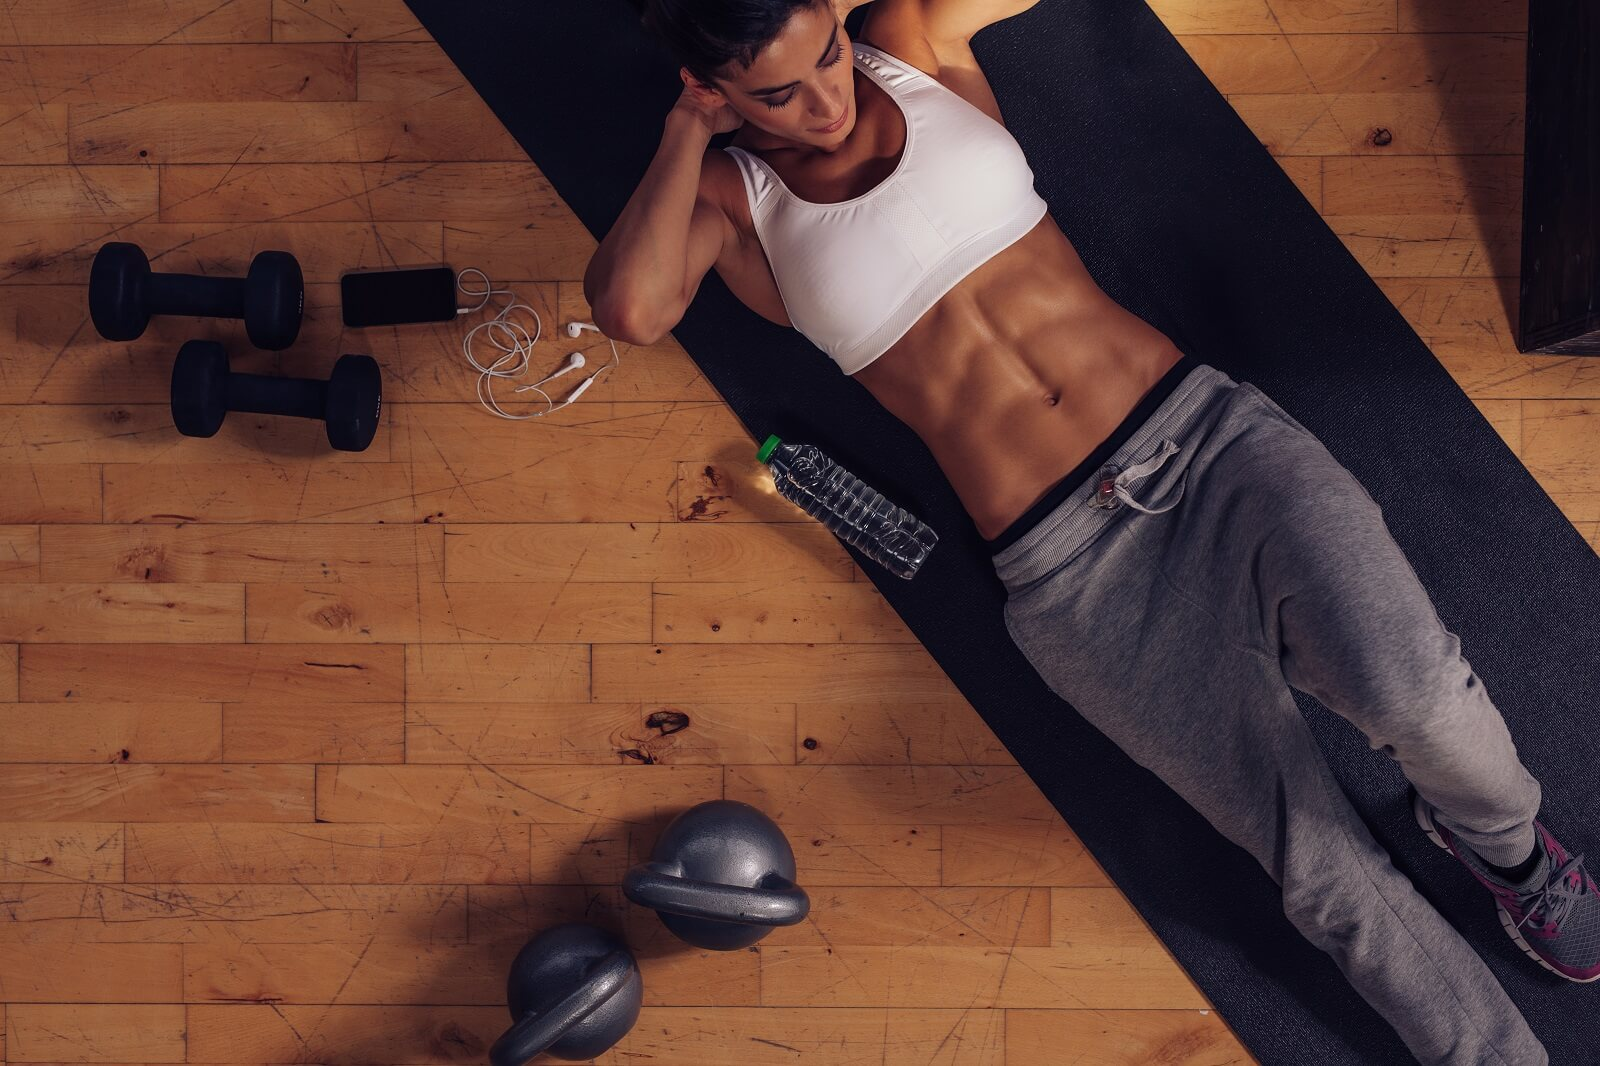 najlepsze ćwiczenie na brzuch